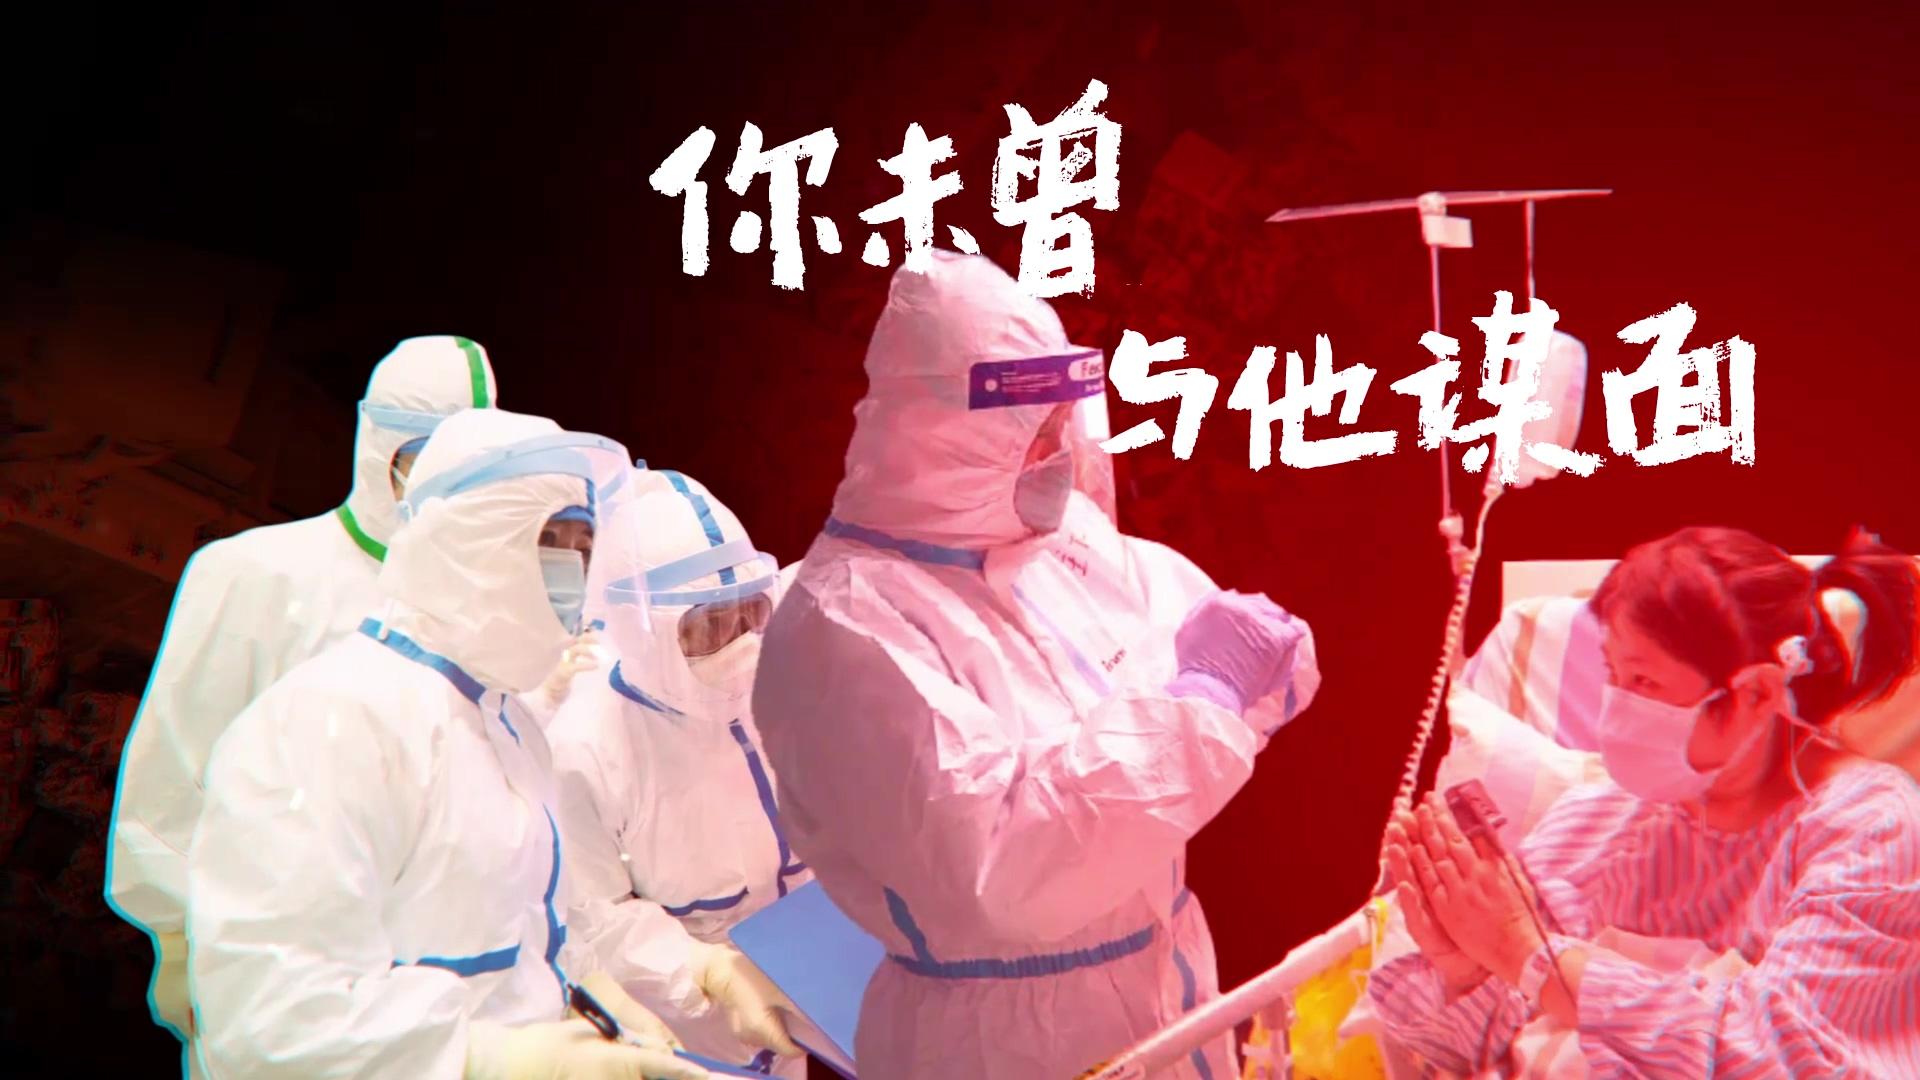 防控疫情公益宣传片医护篇--向英雄致敬